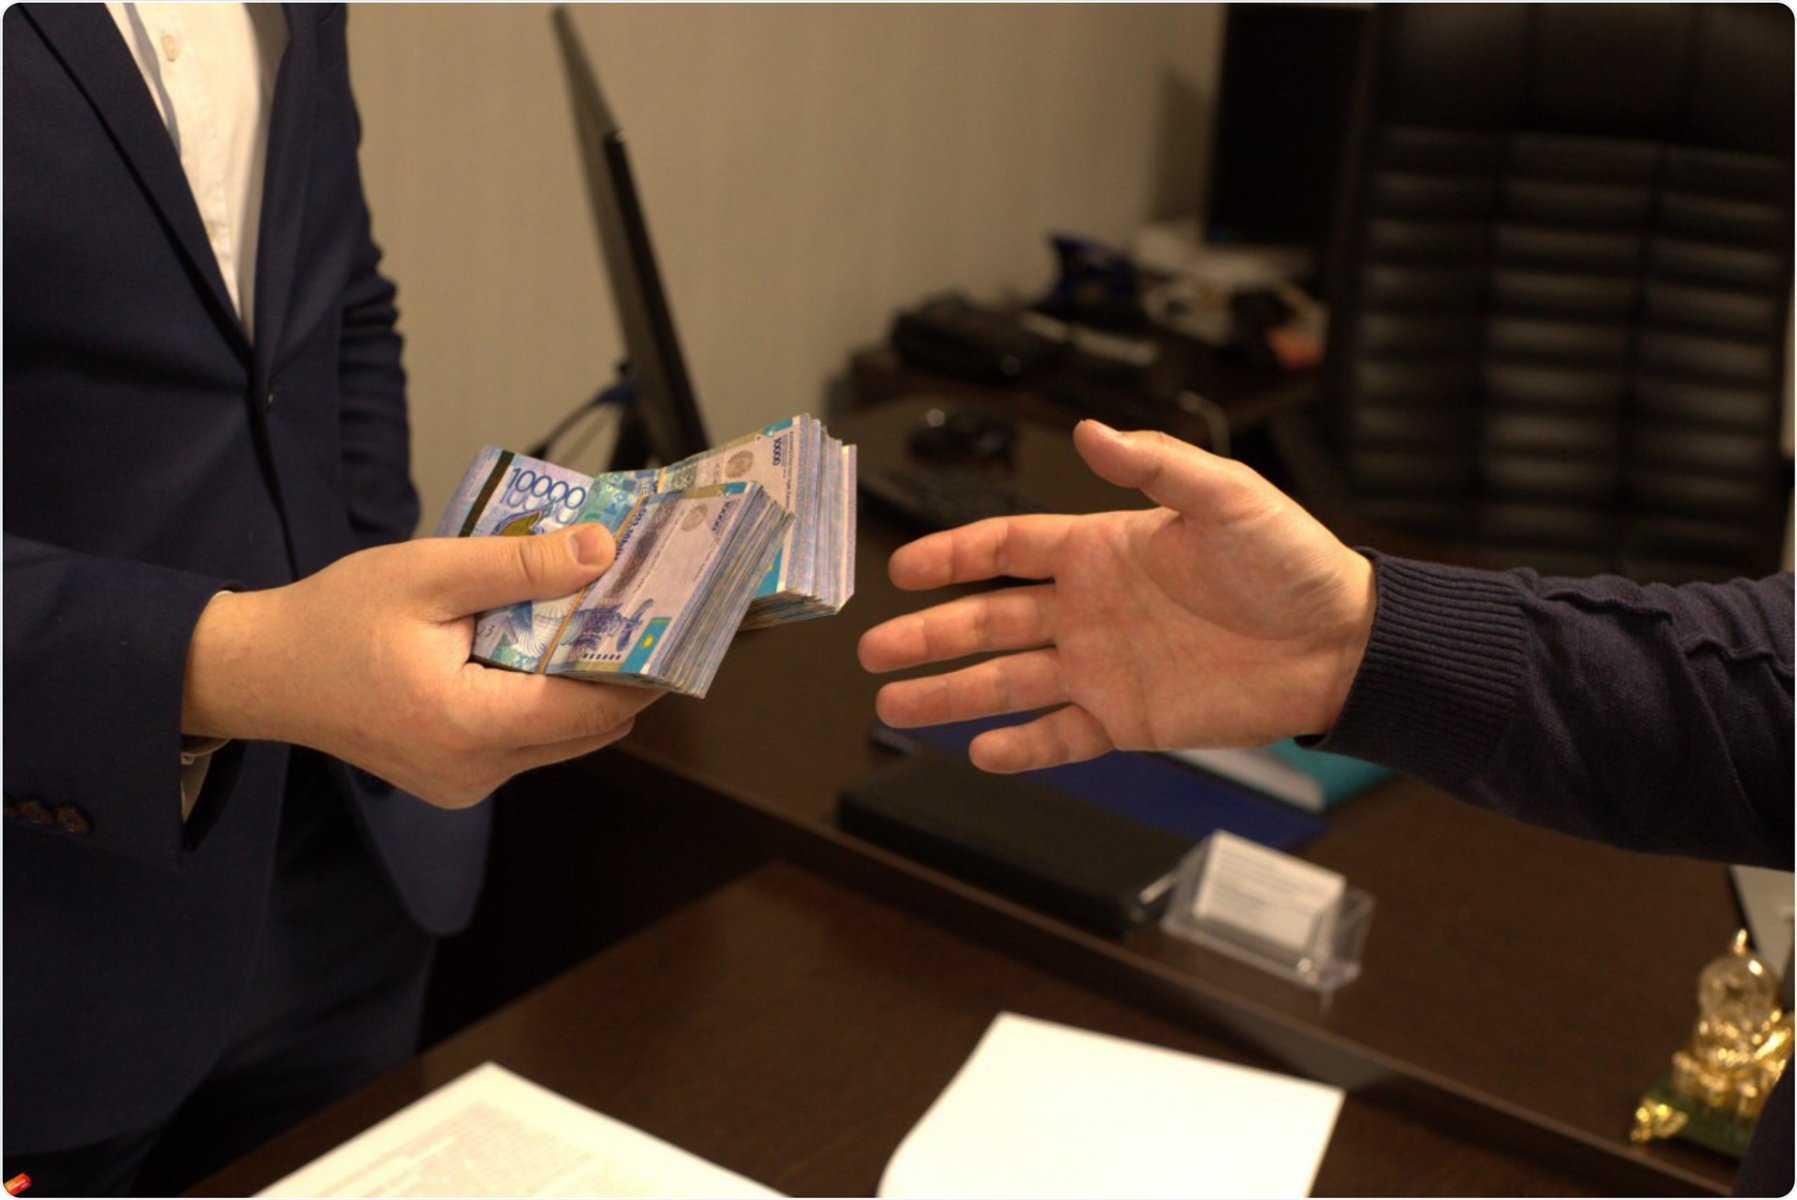 МиГ Кредит в Астане: особенности сотрудничества, кредит под залог недвижимости, необходимые документы и преимущества